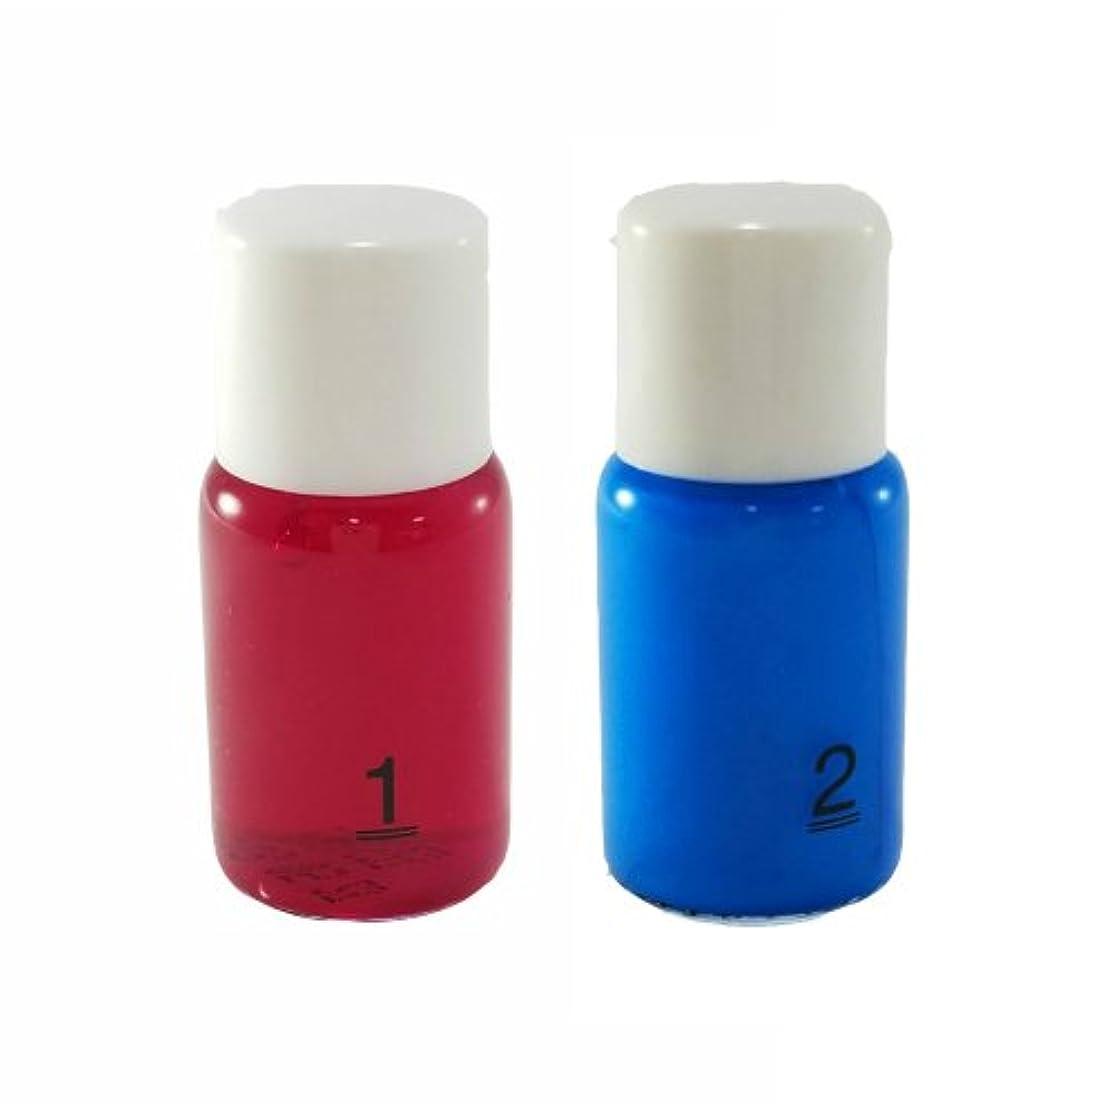 開拓者基本的な酸化物SULIAセット(つけまつ毛用)